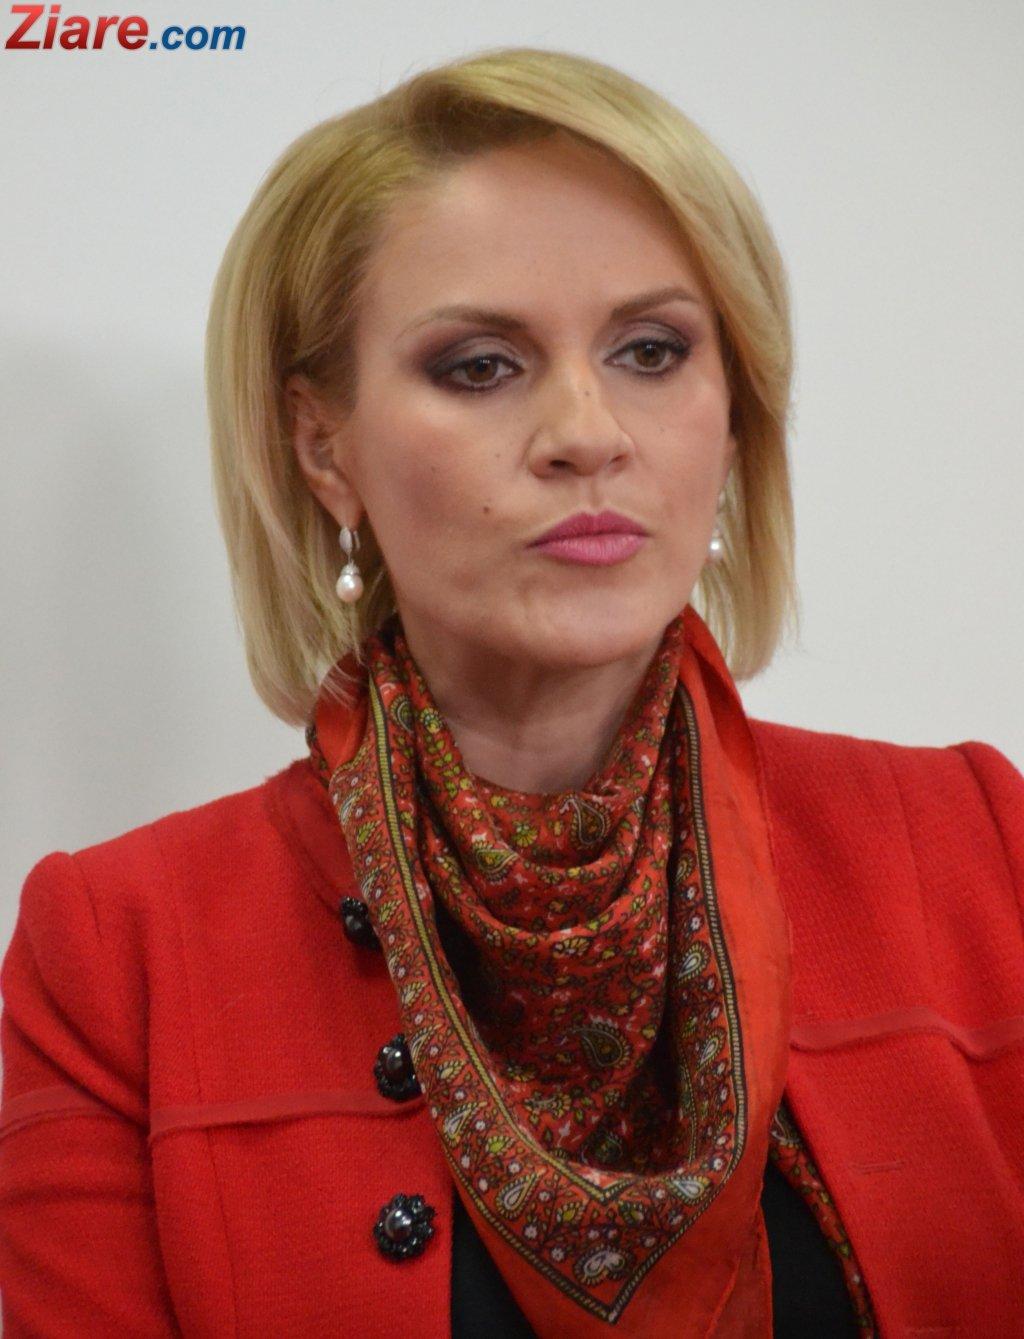 http://revista22.ro/files/news/manset/default/alegeri-bucuresti-gabriela-firea.jpg